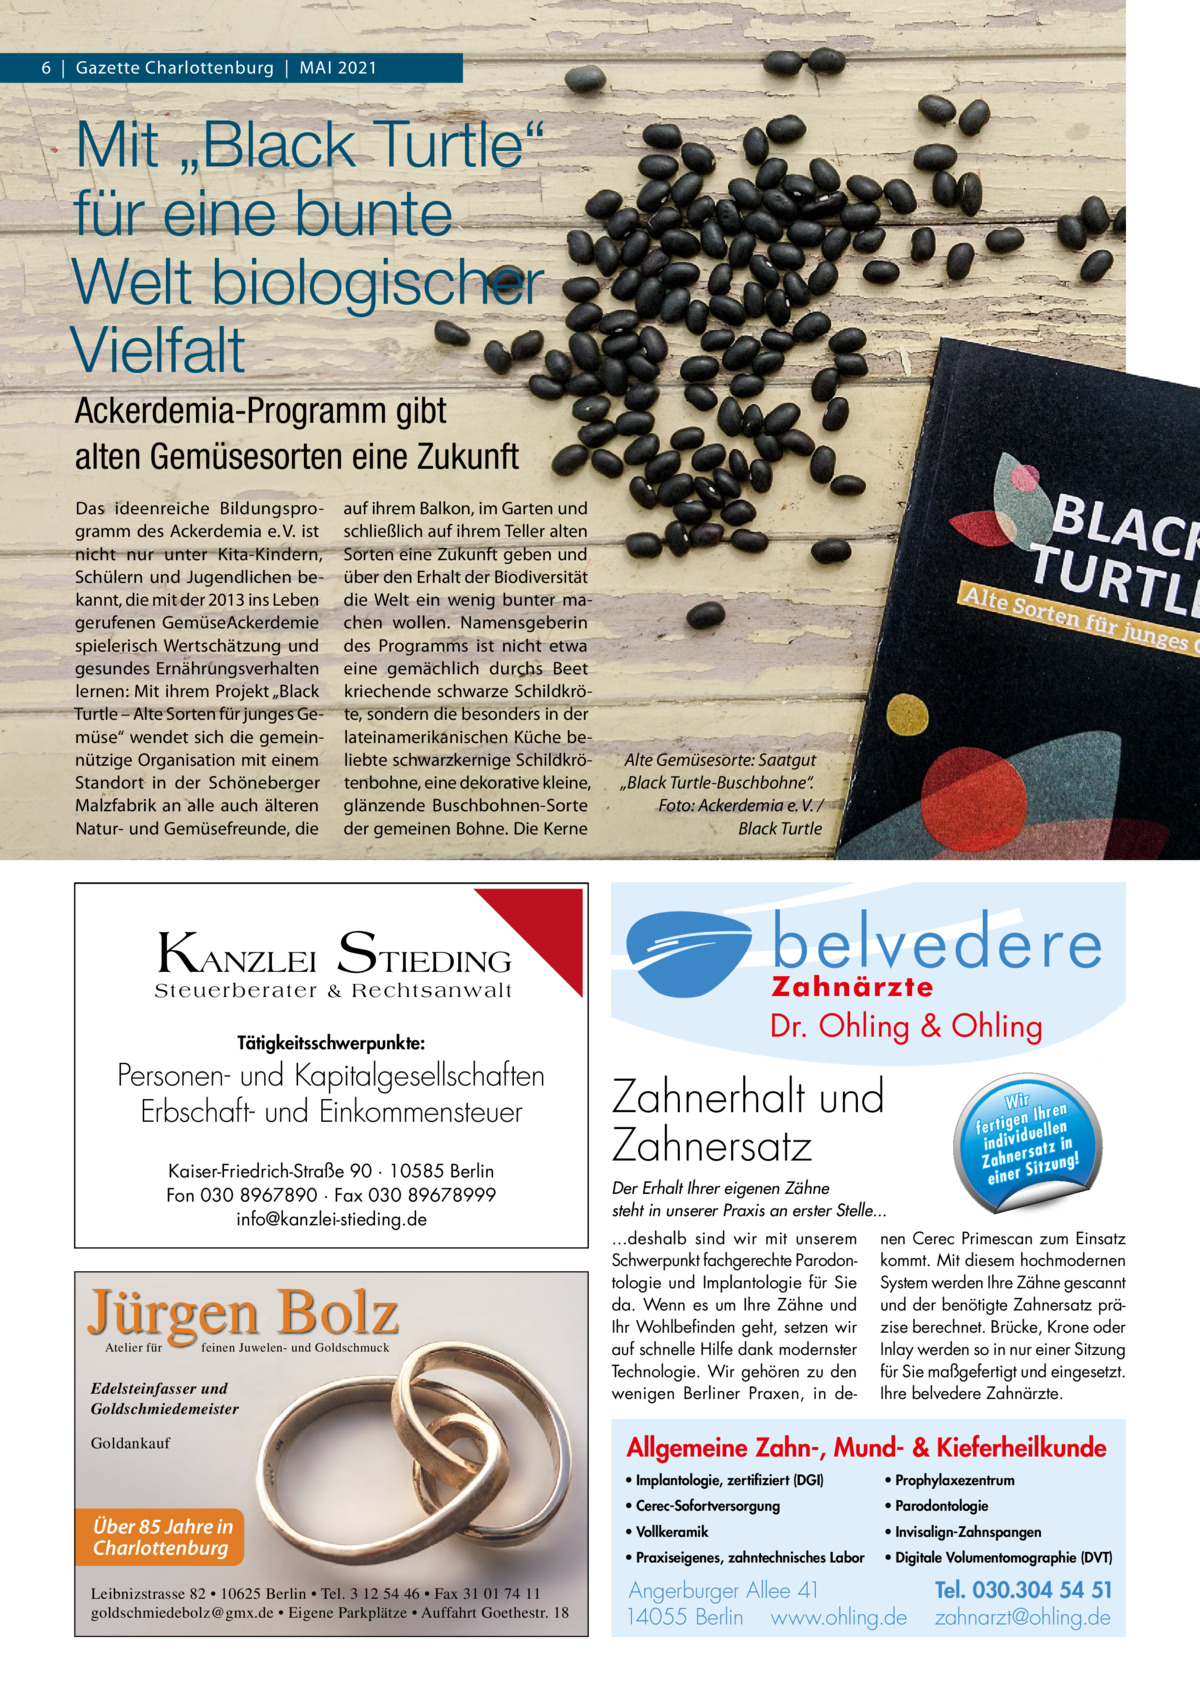 """6 Gazette Charlottenburg MAI 2021  Mit """"Black Turtle"""" für eine bunte Welt biologischer Vielfalt Ackerdemia-Programm gibt alten Gemüsesorten eine Zukunft Das ideenreiche Bildungsprogramm des Ackerdemia e. V. ist nicht nur unter Kita-Kindern, Schülern und Jugendlichen bekannt, die mit der 2013 ins Leben gerufenen GemüseAckerdemie spielerisch Wertschätzung und gesundes Ernährungsverhalten lernen: Mit ihrem Projekt """"Black Turtle – Alte Sorten für junges Gemüse"""" wendet sich die gemeinnützige Organisation mit einem Standort in der Schöneberger Malzfabrik an alle auch älteren Natur- und Gemüsefreunde, die  auf ihrem Balkon, im Garten und schließlich auf ihrem Teller alten Sorten eine Zukunft geben und über den Erhalt der Biodiversität die Welt ein wenig bunter machen wollen. Namensgeberin des Programms ist nicht etwa eine gemächlich durchs Beet kriechende schwarze Schildkröte, sondern die besonders in der lateinamerikanischen Küche beliebte schwarzkernige Schildkrötenbohne, eine dekorative kleine, glänzende Buschbohnen-Sorte der gemeinen Bohne. Die Kerne  Alte Gemüsesorte: Saatgut """"Black Turtle-Buschbohne"""". Foto: Ackerdemia e. V. / Black Turtle  Allg Mu  KANZLEI STIEDING Steuerberater & Rechtsanwalt  Dr. Ohling & Ohling  Tätigkeitsschwerpunkte:  Personen- und Kapitalgesellschaften Erbschaft- und Einkommensteuer Kaiser-Friedrich-Straße 90 · 10585 Berlin Fon 030 8967890 · Fax 030 89678999 info@kanzlei-stieding.de  Jürgen Bolz Atelier für  feinen Juwelen- und Goldschmuck  Edelsteinfasser und Goldschmiedemeister Goldankauf  Über 85 Jahre in Charlottenburg Leibnizstrasse 82 • 10625 Berlin • Tel. 3 12 54 46 • Fax 31 01 74 11 goldschmiedebolz@gmx.de • Eigene Parkplätze • Auffahrt Goethestr. 18  · Im ze  l Dr. O·hVo  · Pr  ·0 Pa Tel. 0 3 Tel. 030.304 Zahnerhalt und 54 51 rg u rb Angerburger Allee 41 · 14055 Berlin Ange · Pr n li h .o w za www.ohling.de · zahnarzt@ohling.de ww Zahnersatz W ir re n fe rt ig e n Ih en ll e u in d iv id ! tz a rs e n h Za Der Erhalt Ihrer eigenen Zähn"""